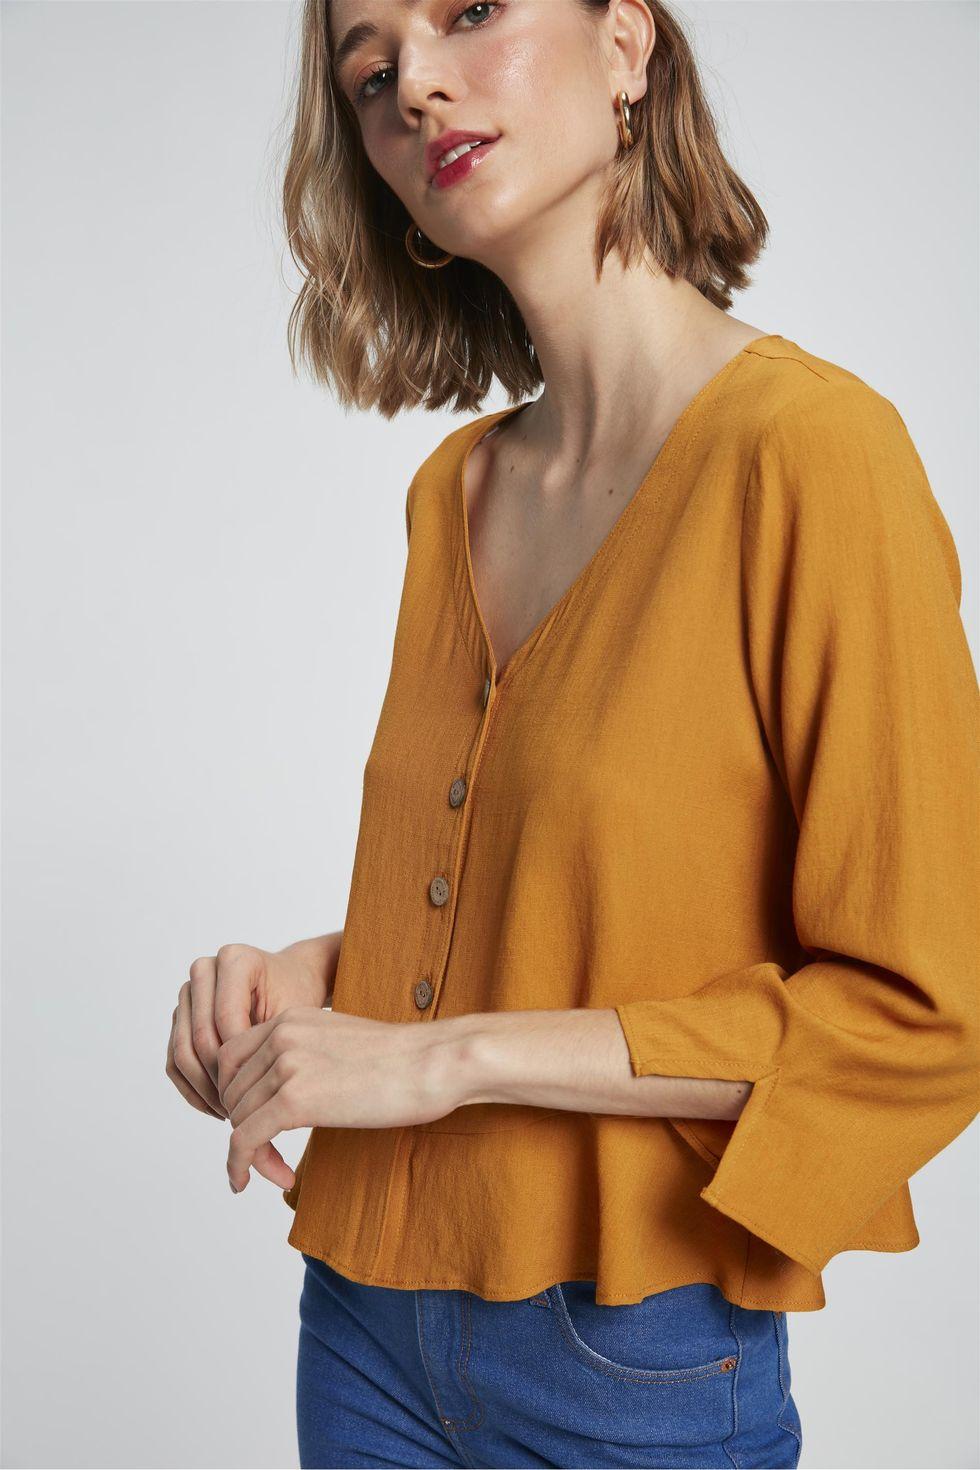 Camisa-Solta-com-Babado-Feminina-Frente--